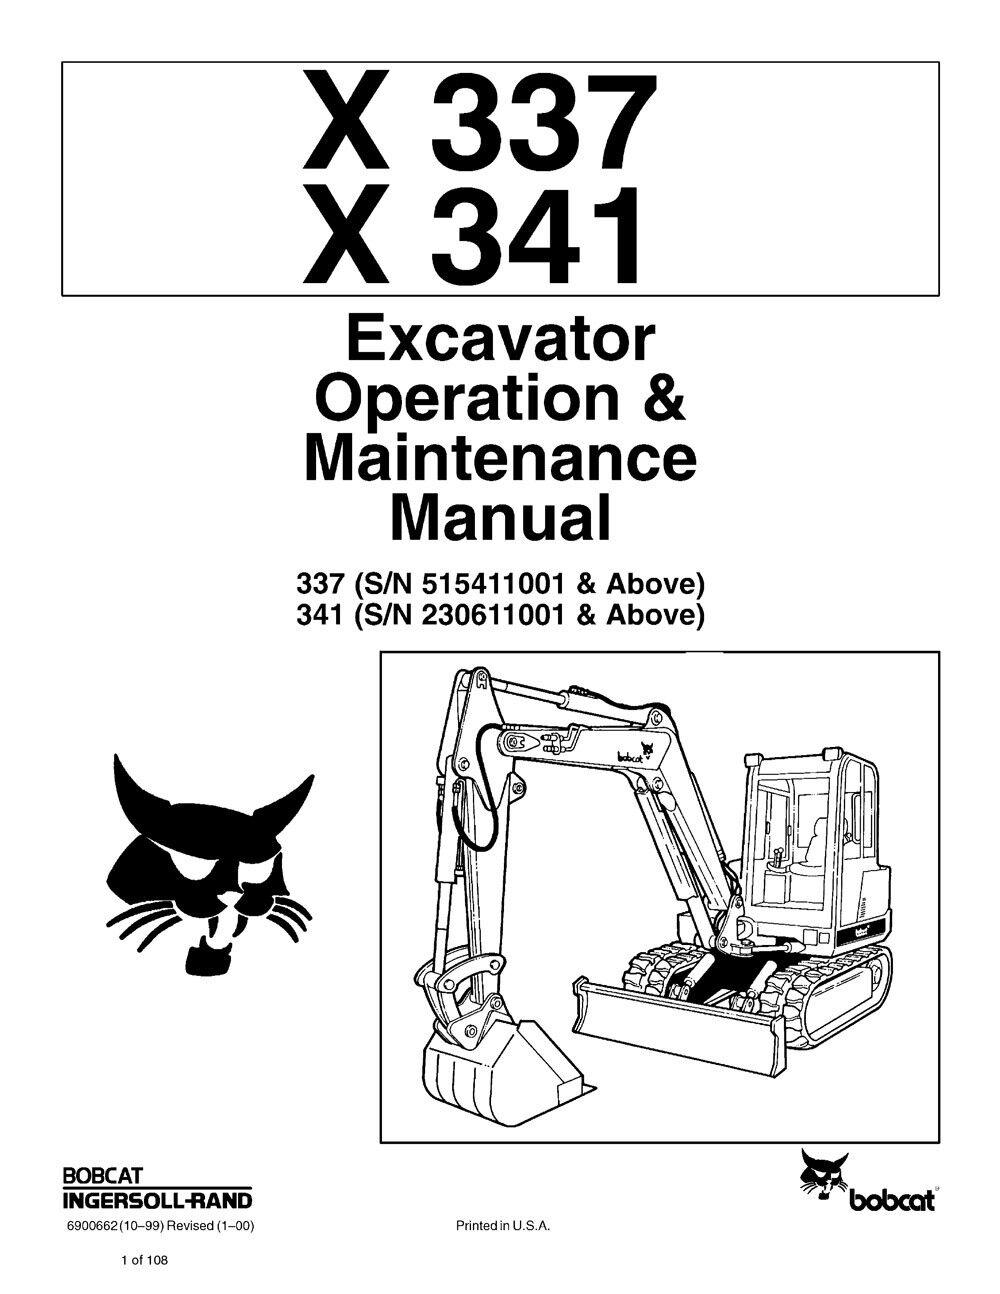 Bobcat X337 X341 Excavator 1997 Edition Repair Service